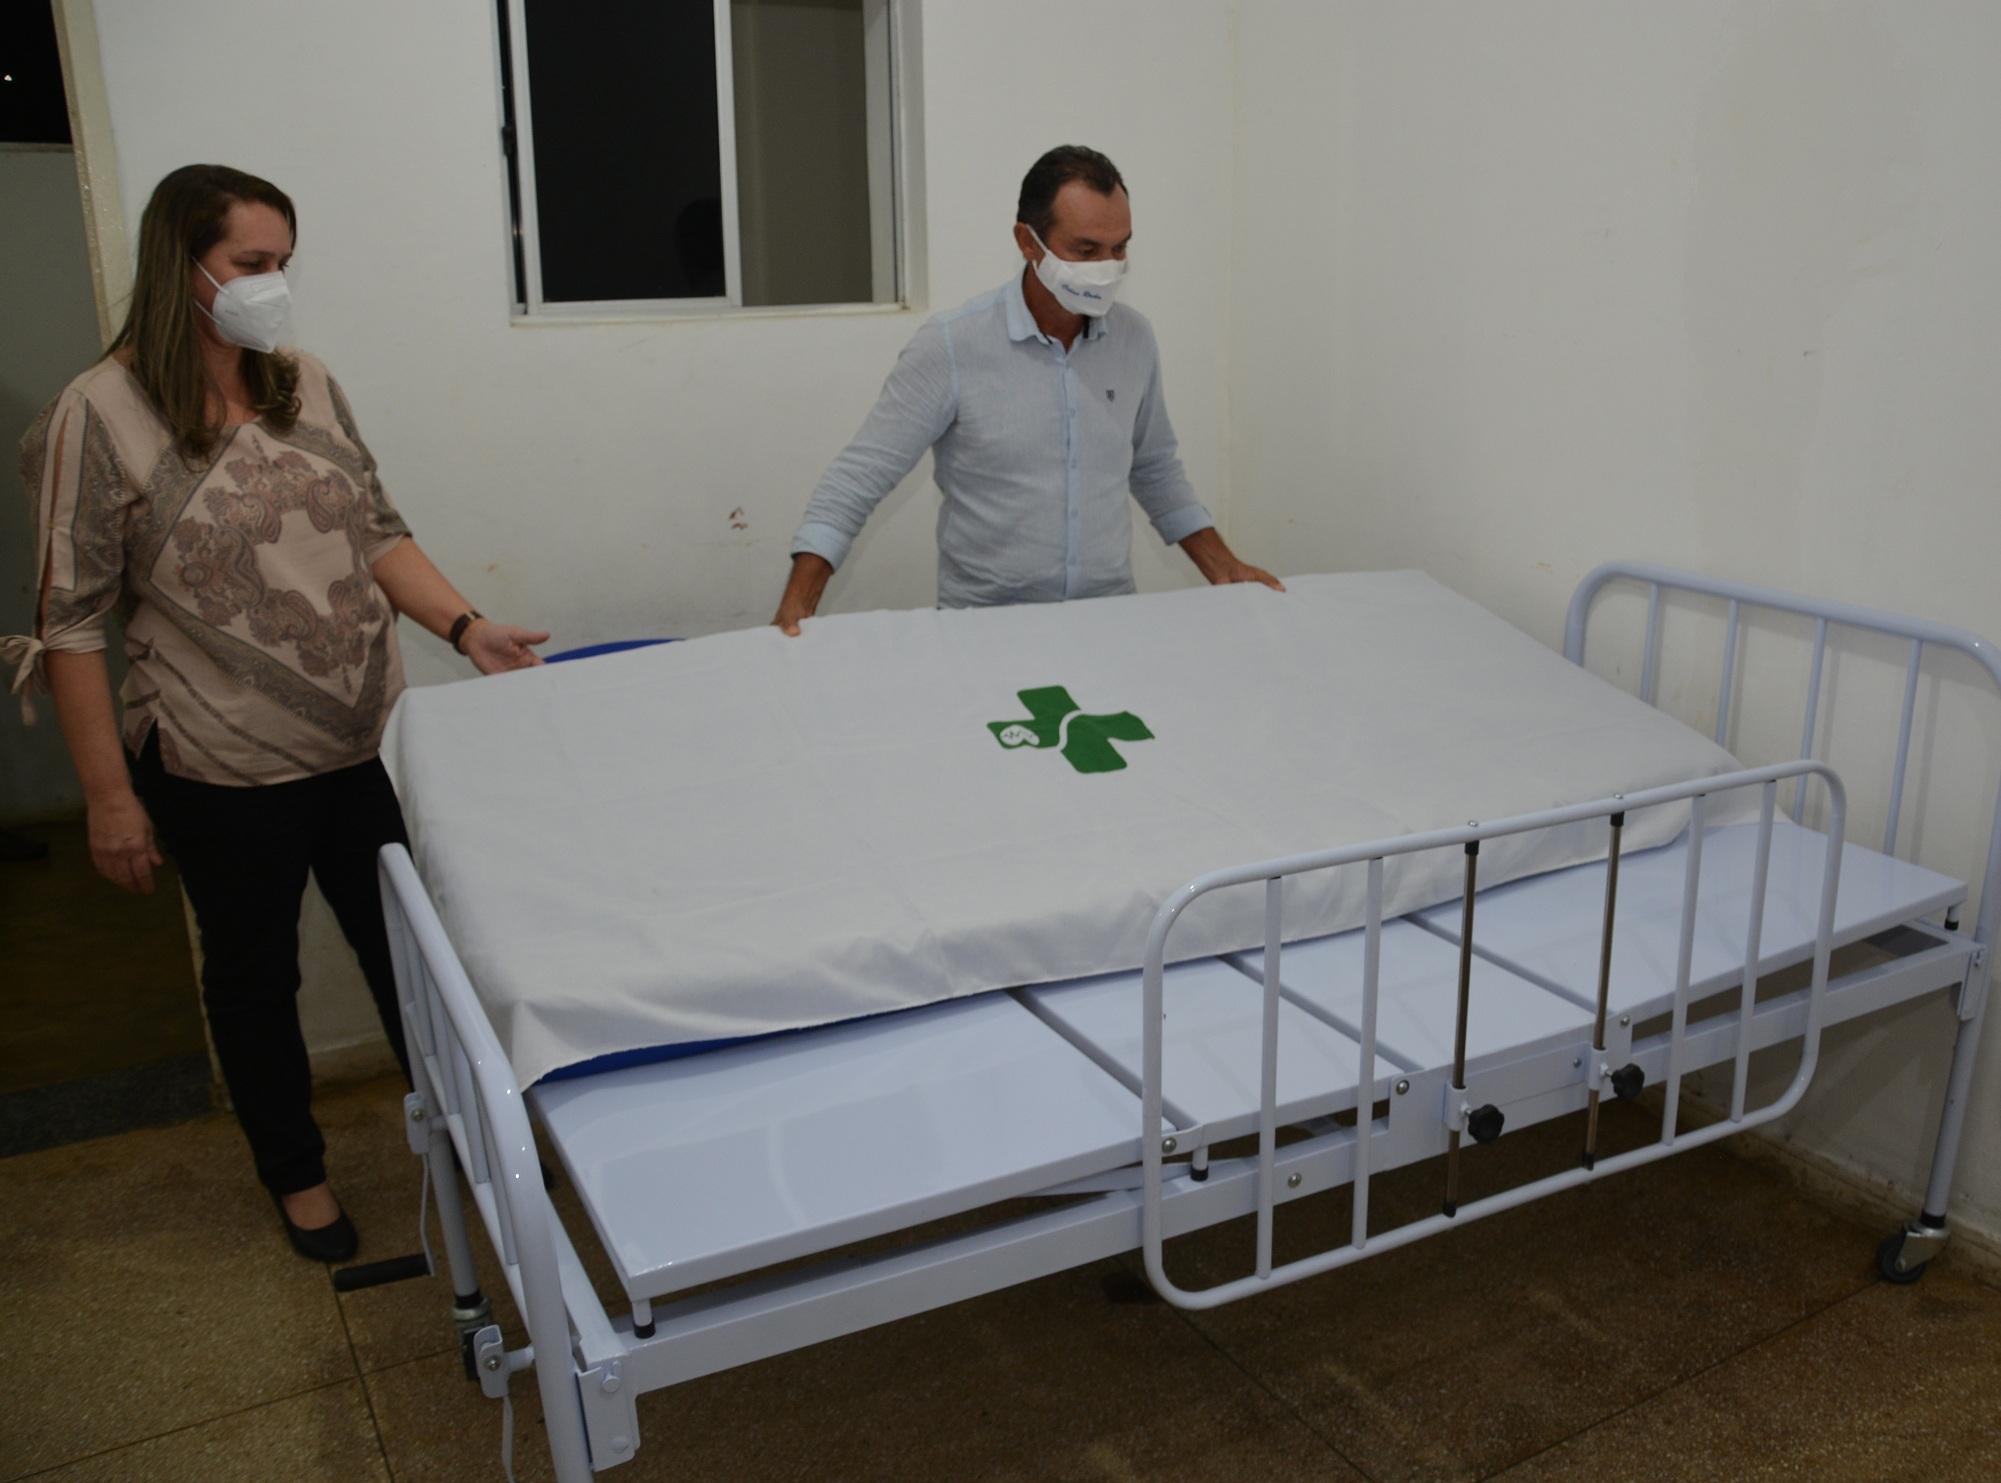 Prefeitura de Anadia adquire novos mobiliários e equipamentos para Unidade Mista Senador Rui Palmeira